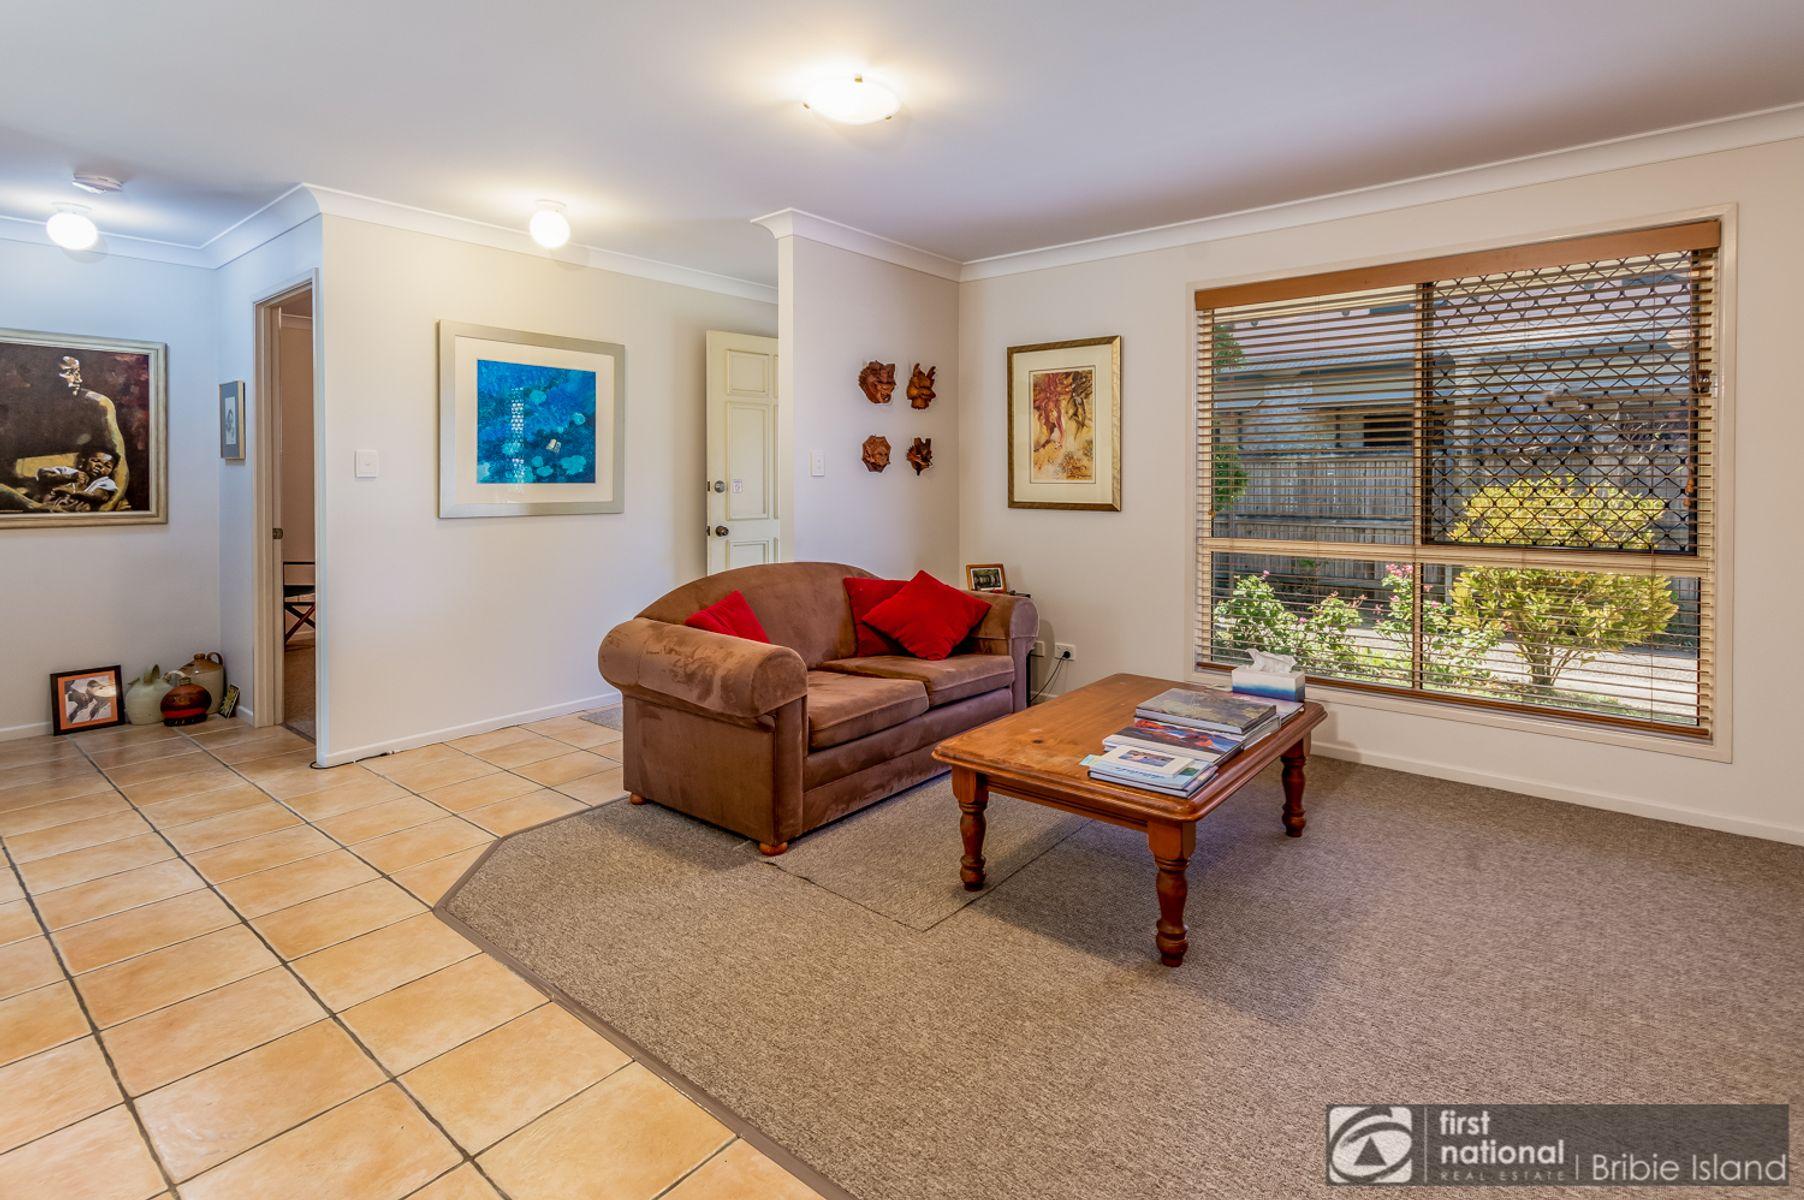 3/23 Sixth Avenue, Woorim, QLD 4507